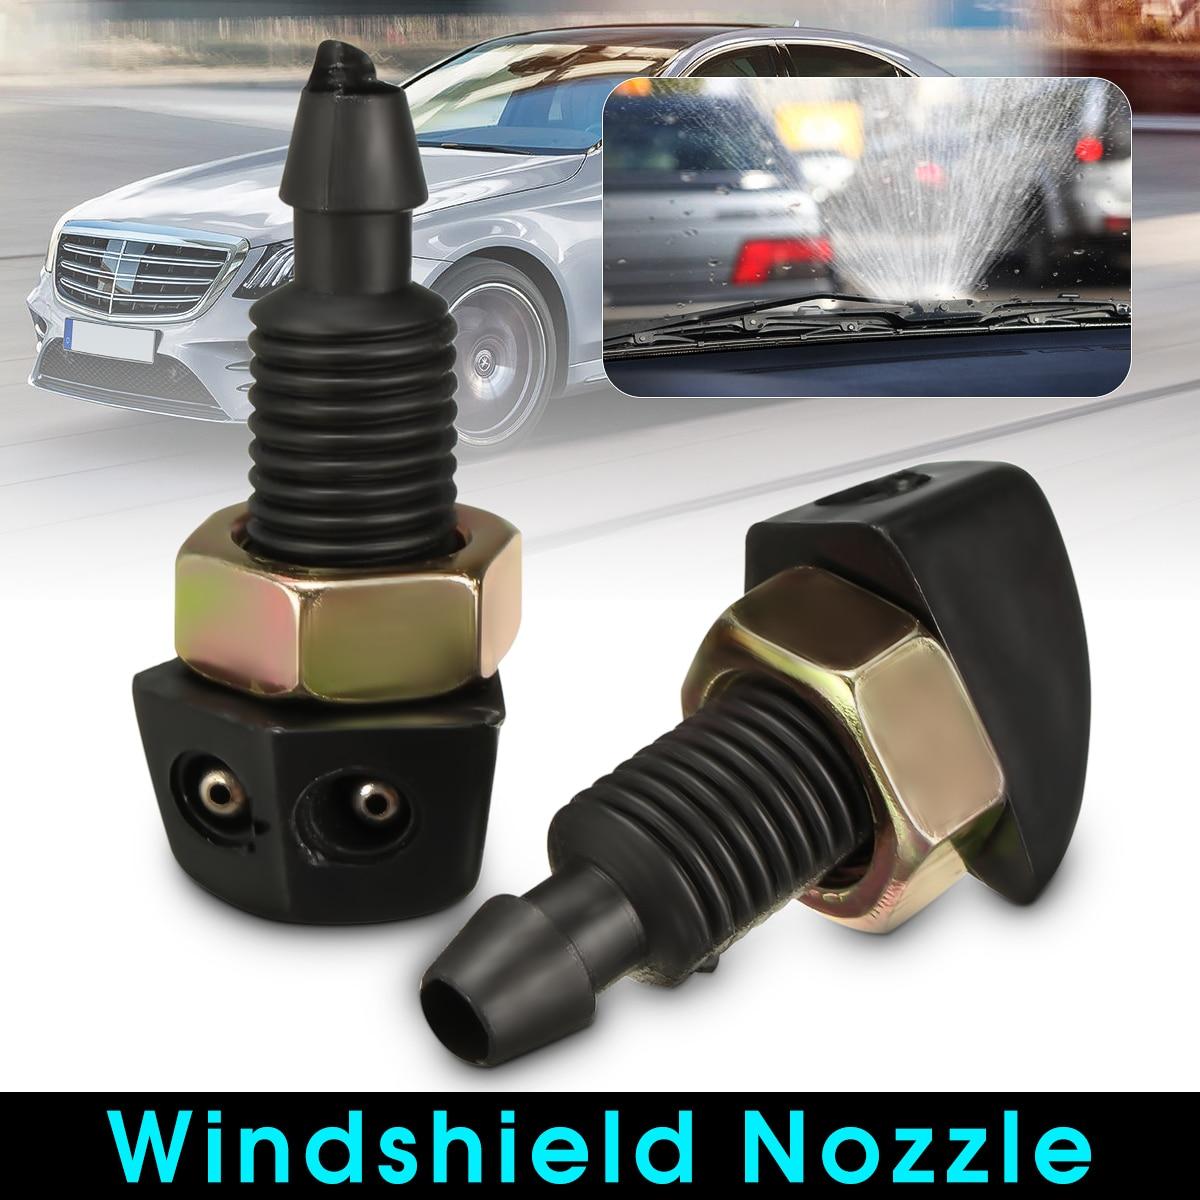 Bico pulverizador para para-brisa frontal, 2 peças, universal, para-brisa para carros, plástico preto